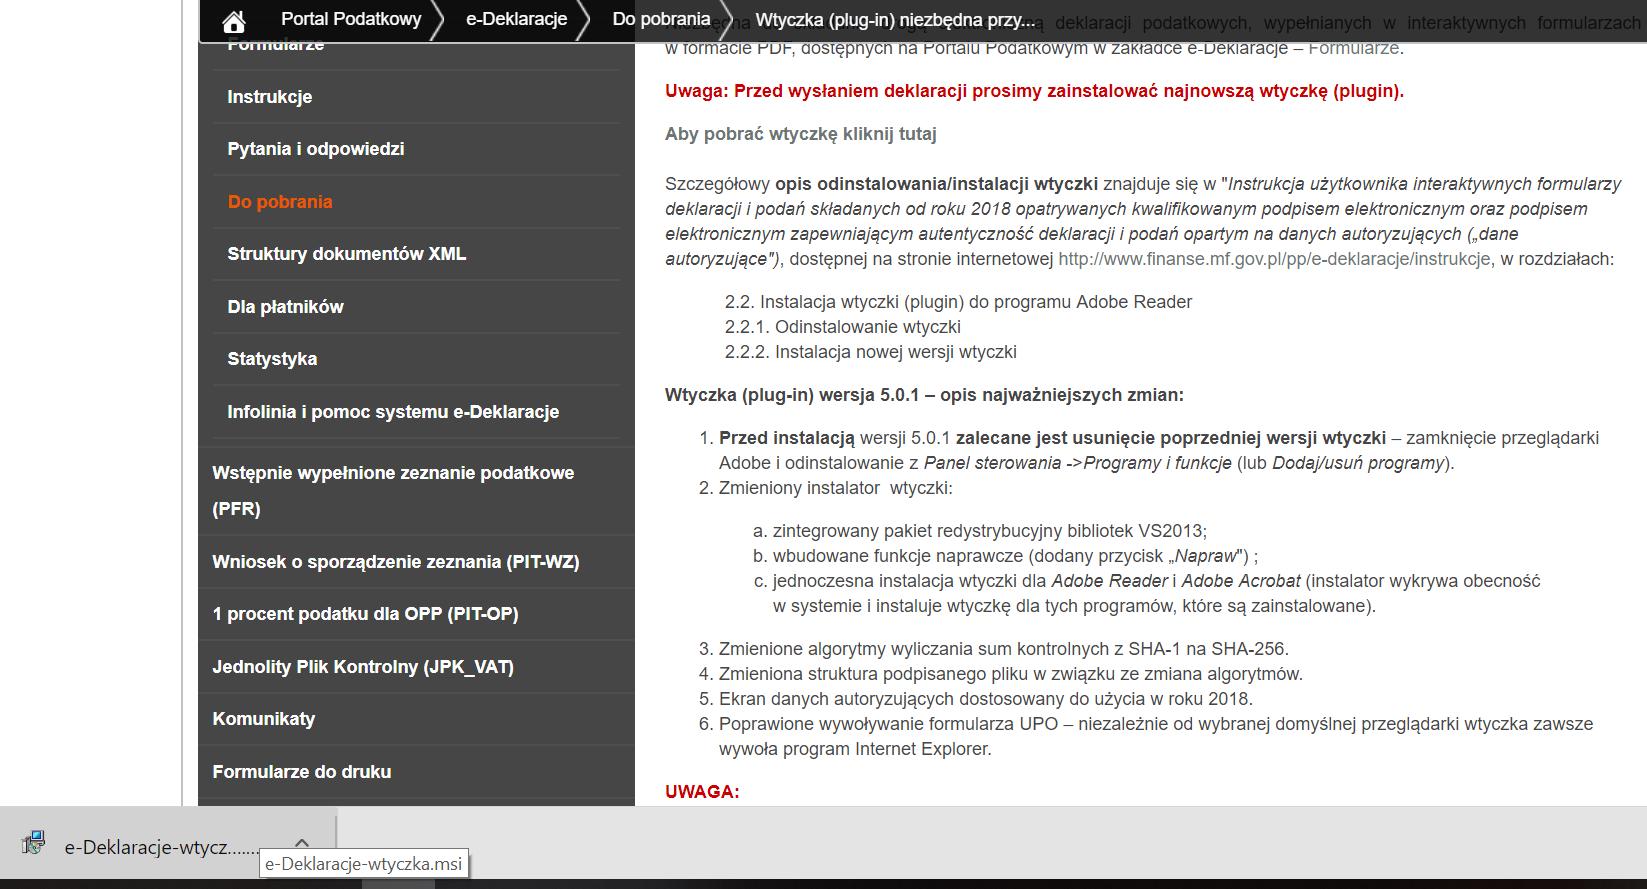 ifirma.pl program do księgowania - vat 26 1